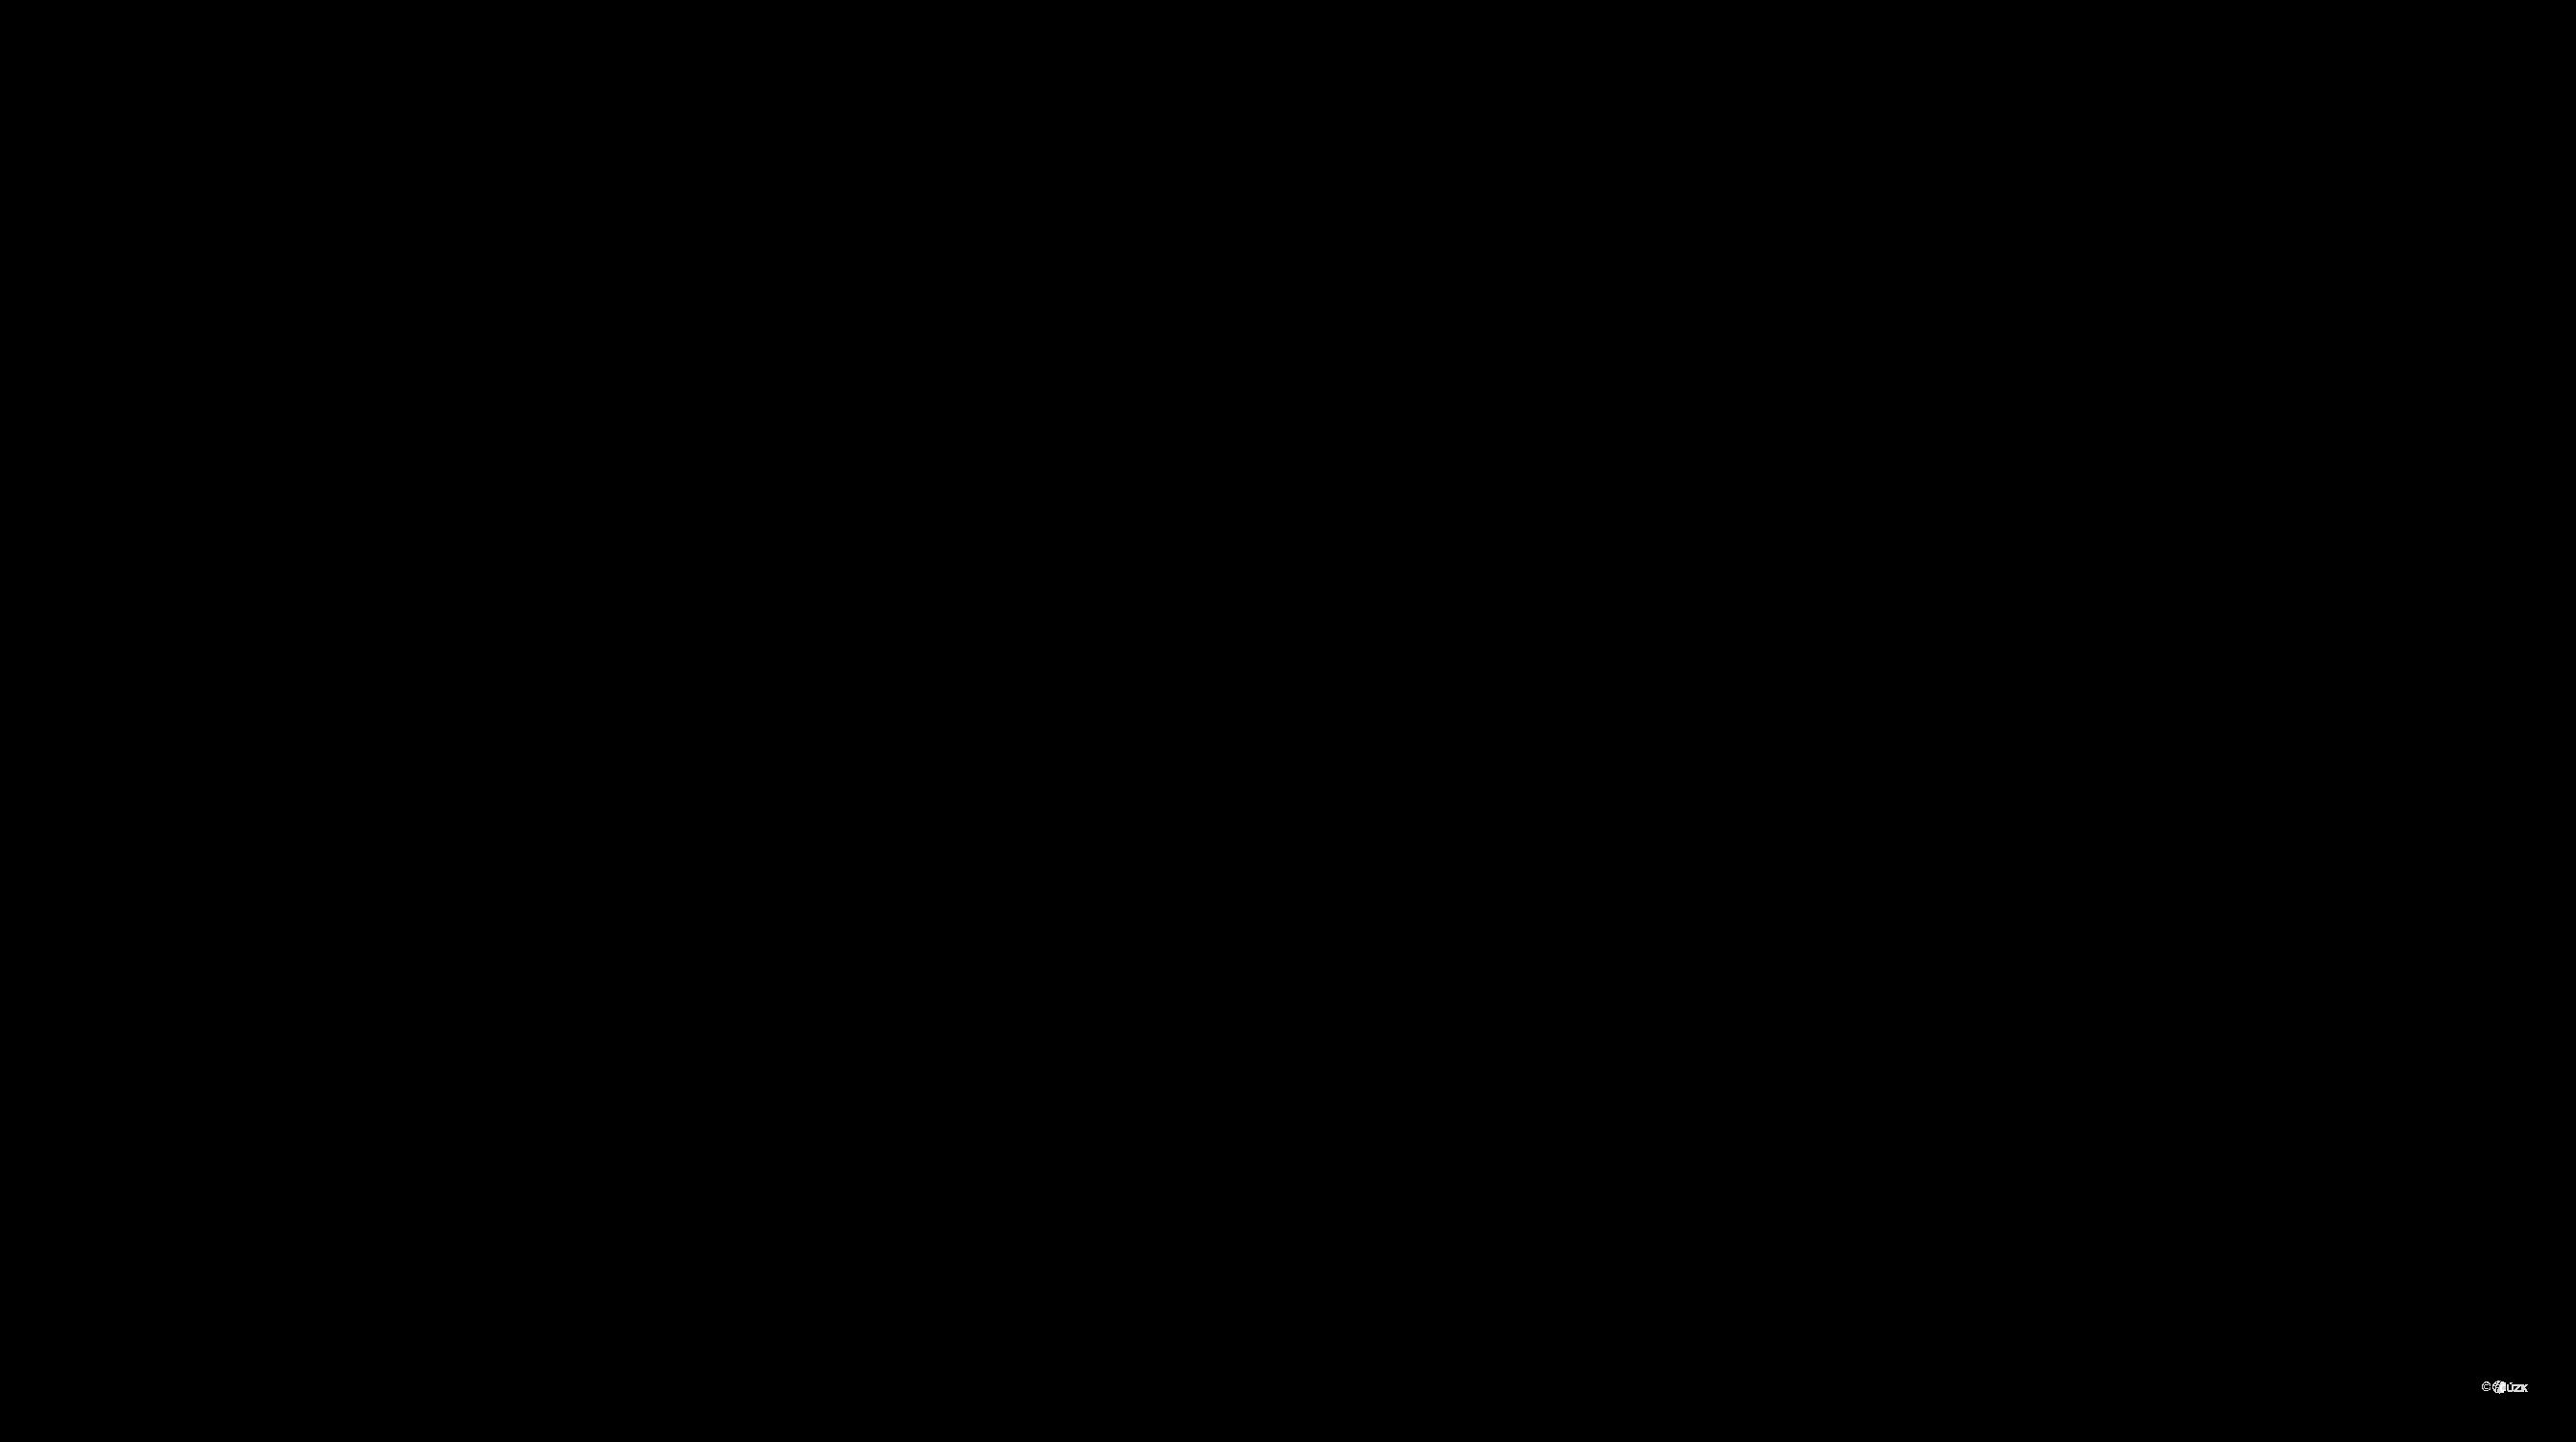 Katastrální mapa pozemků a čísla parcel Loučky u Zátoru